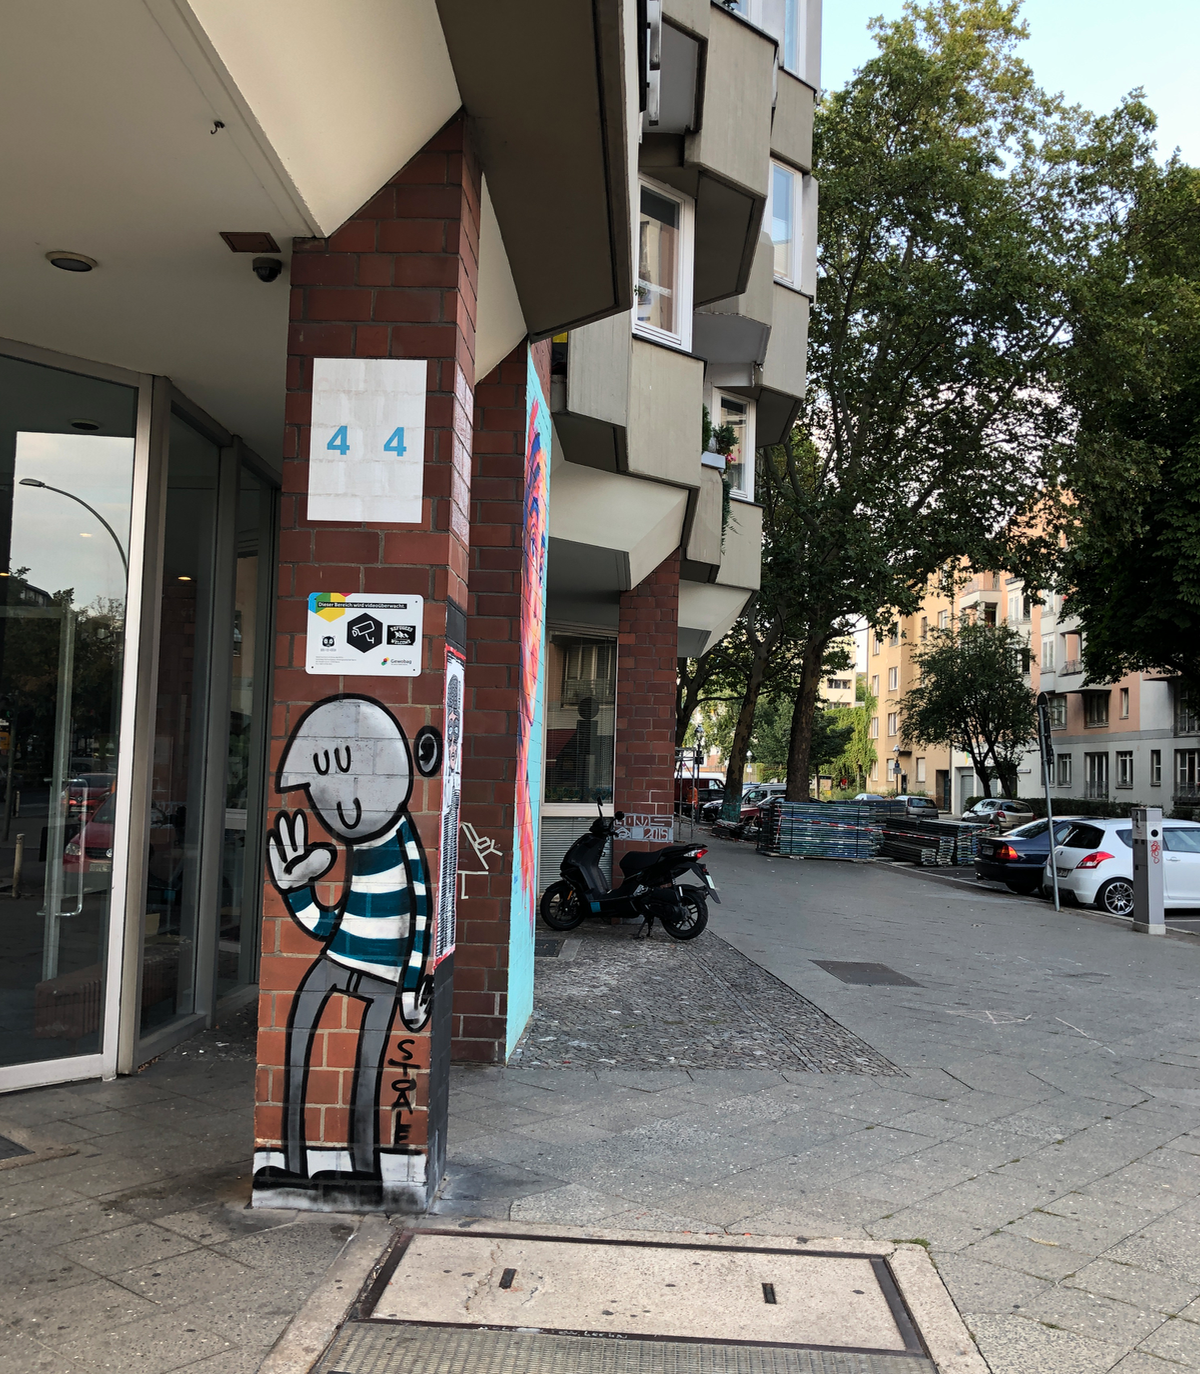 Hils på om du er i Berlin.